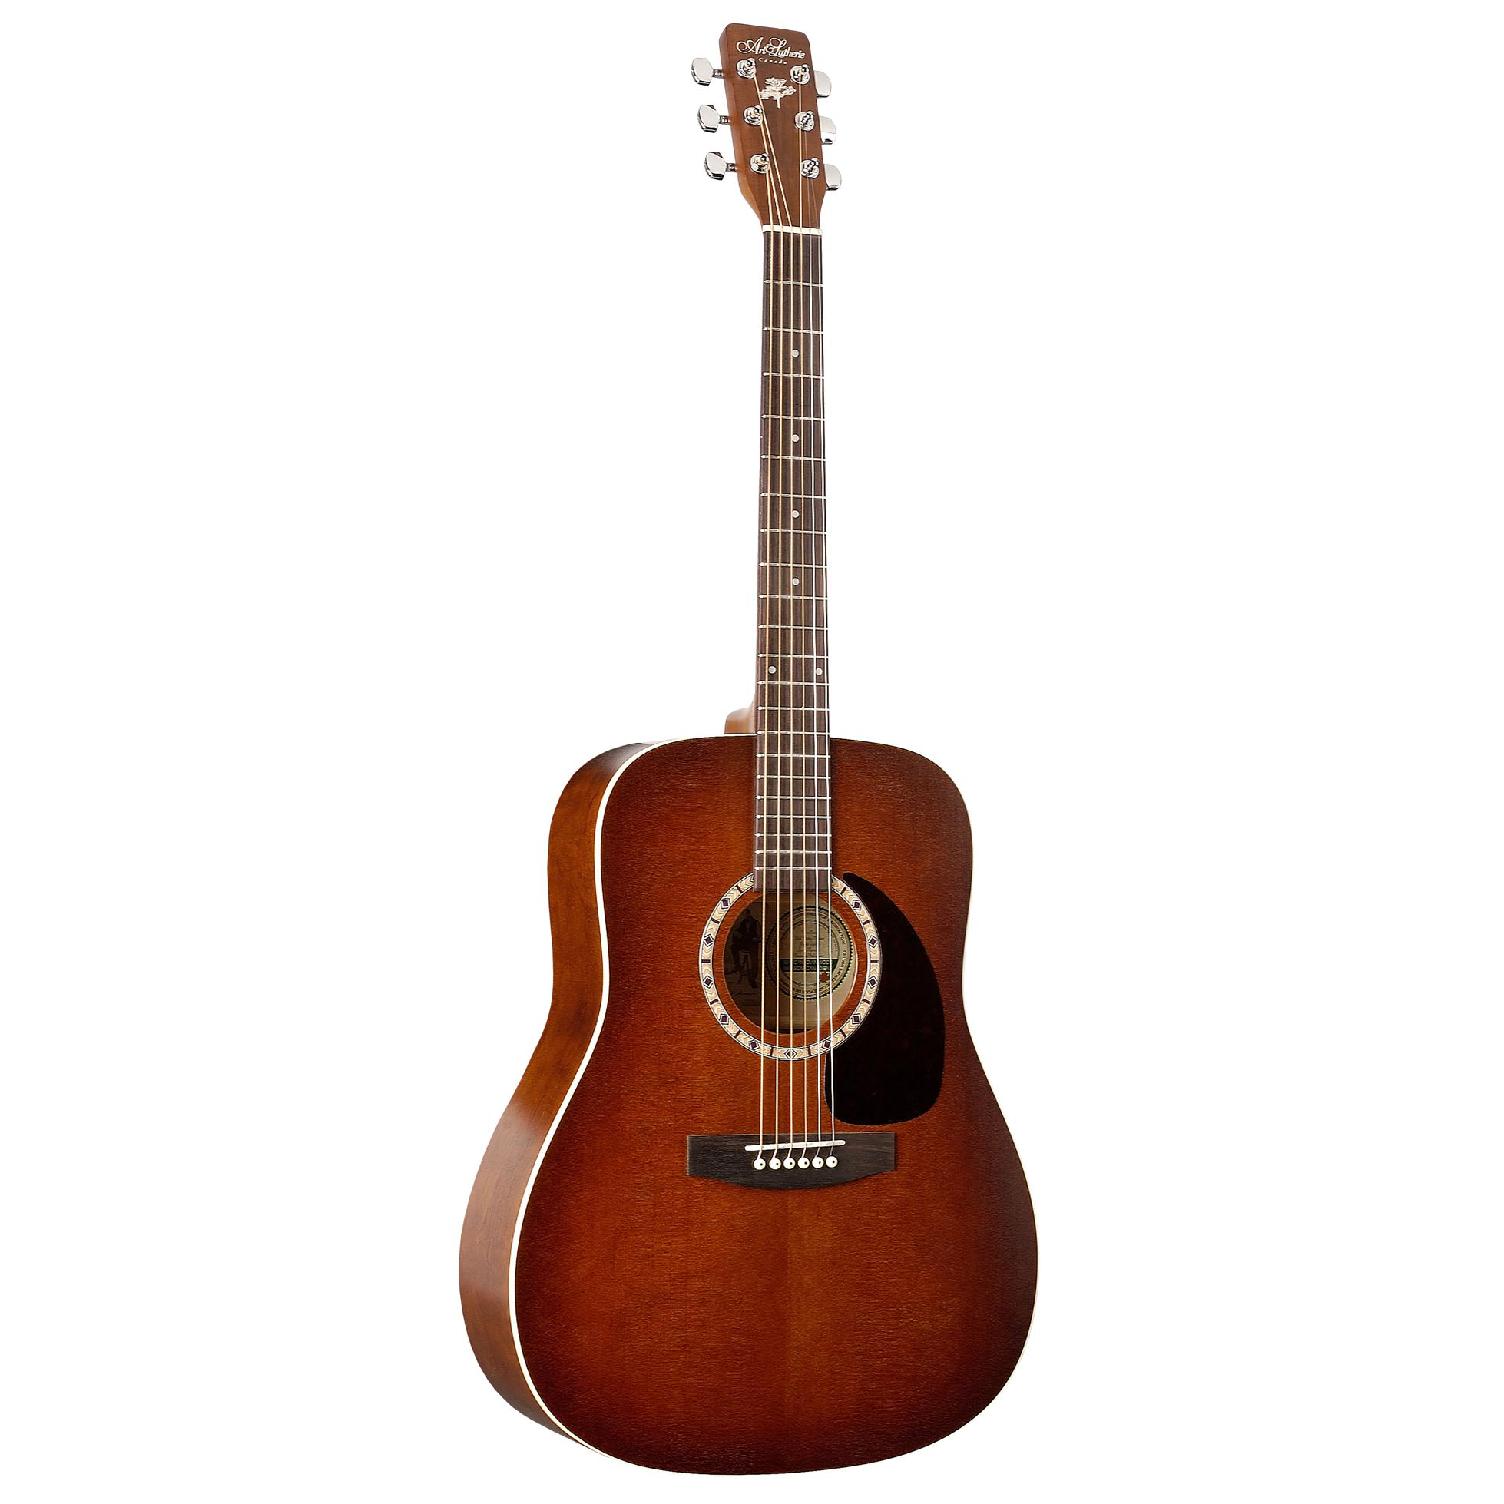 Billede af A&L DreadnaughtCedar western-guitar antiqueburst